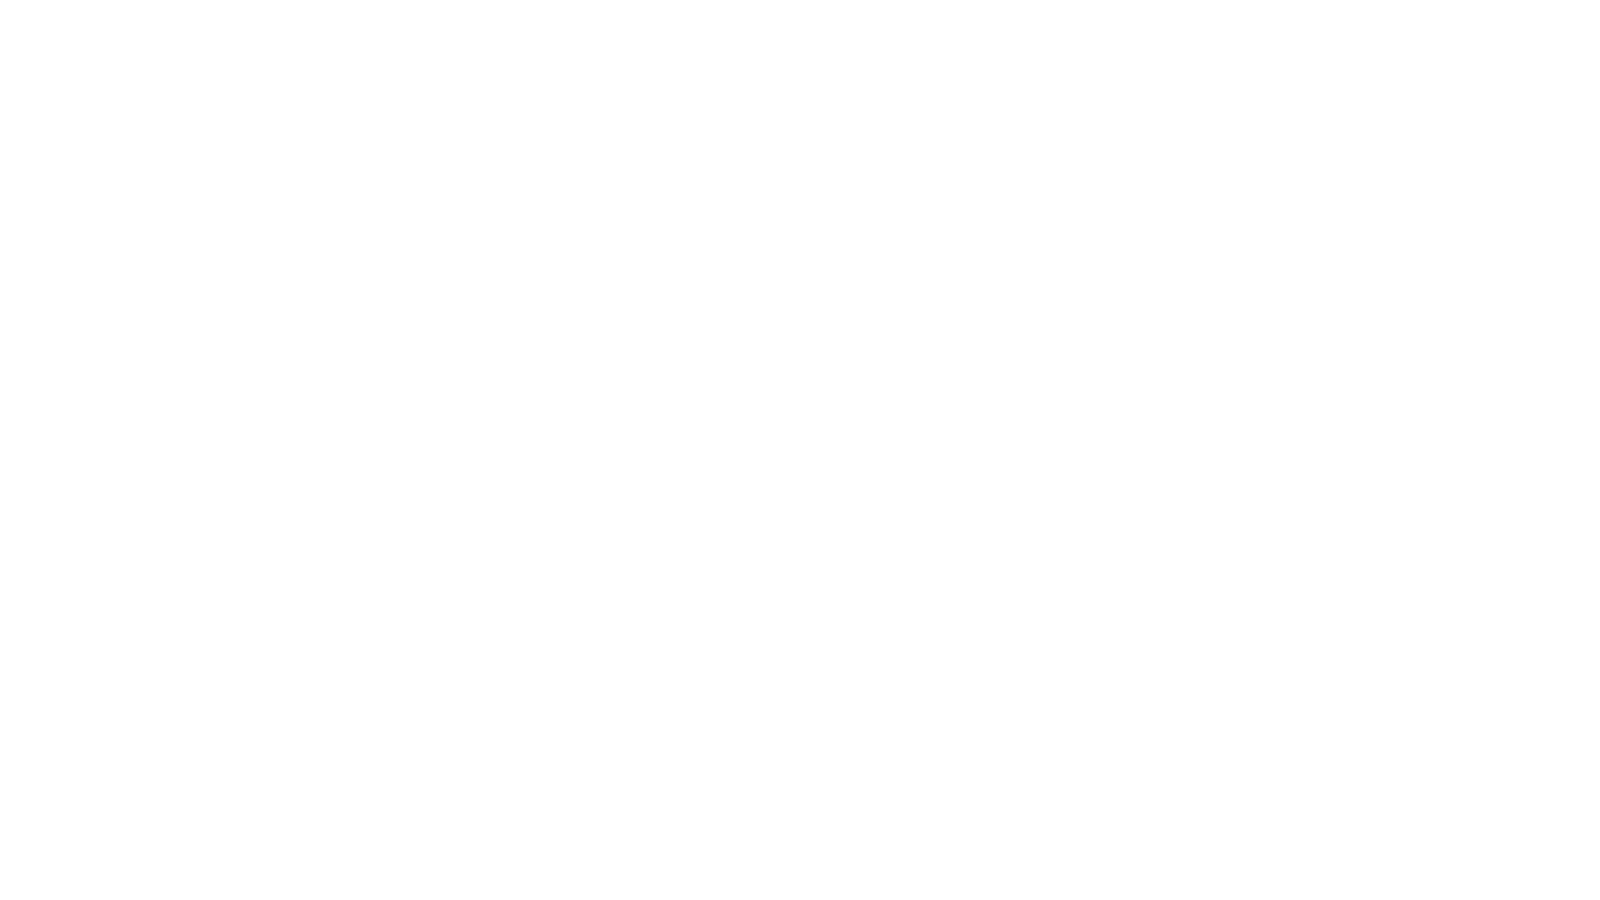 20 ANOS DE RITMO MELODIA Link da entrevista: https://www.ritmomelodia.mus.br/entrevistas/luciano-junior/  Você conhece a Revista Ritmo Melodia.  Somos o maior banco de dados de entrevistas com músicos brasileiros. Aqui, além de consultar as informações, você pode avaliar e discutir sobre nossas entrevistas e artistas dos mais diversos gêneros, como: forró, samba, pagode, baião, maracatu, reggae, rock, pop, mpb, brega, sertanejo, caipira, bossa nova, rap e muito mais. Já entrevistamos artistas como: Gilberto Gil, Dominguinhos, Sivuca, Tribo de Jah, Zé Rodrix, Yamandu Costa, Papete, Geraldo Vandré, Nelson Faria, Paulinho da Viola, Nelson Sargento, Hyldon, Wilson Curia, entre tantos outros, todo mês temos muitas outras novas.  Site: https://www.ritmomelodia.mus.br Instagram: https://instagram.com/revistaritmomelodia Pinterest: https://br.pinterest.com/revistaritmomelodia/